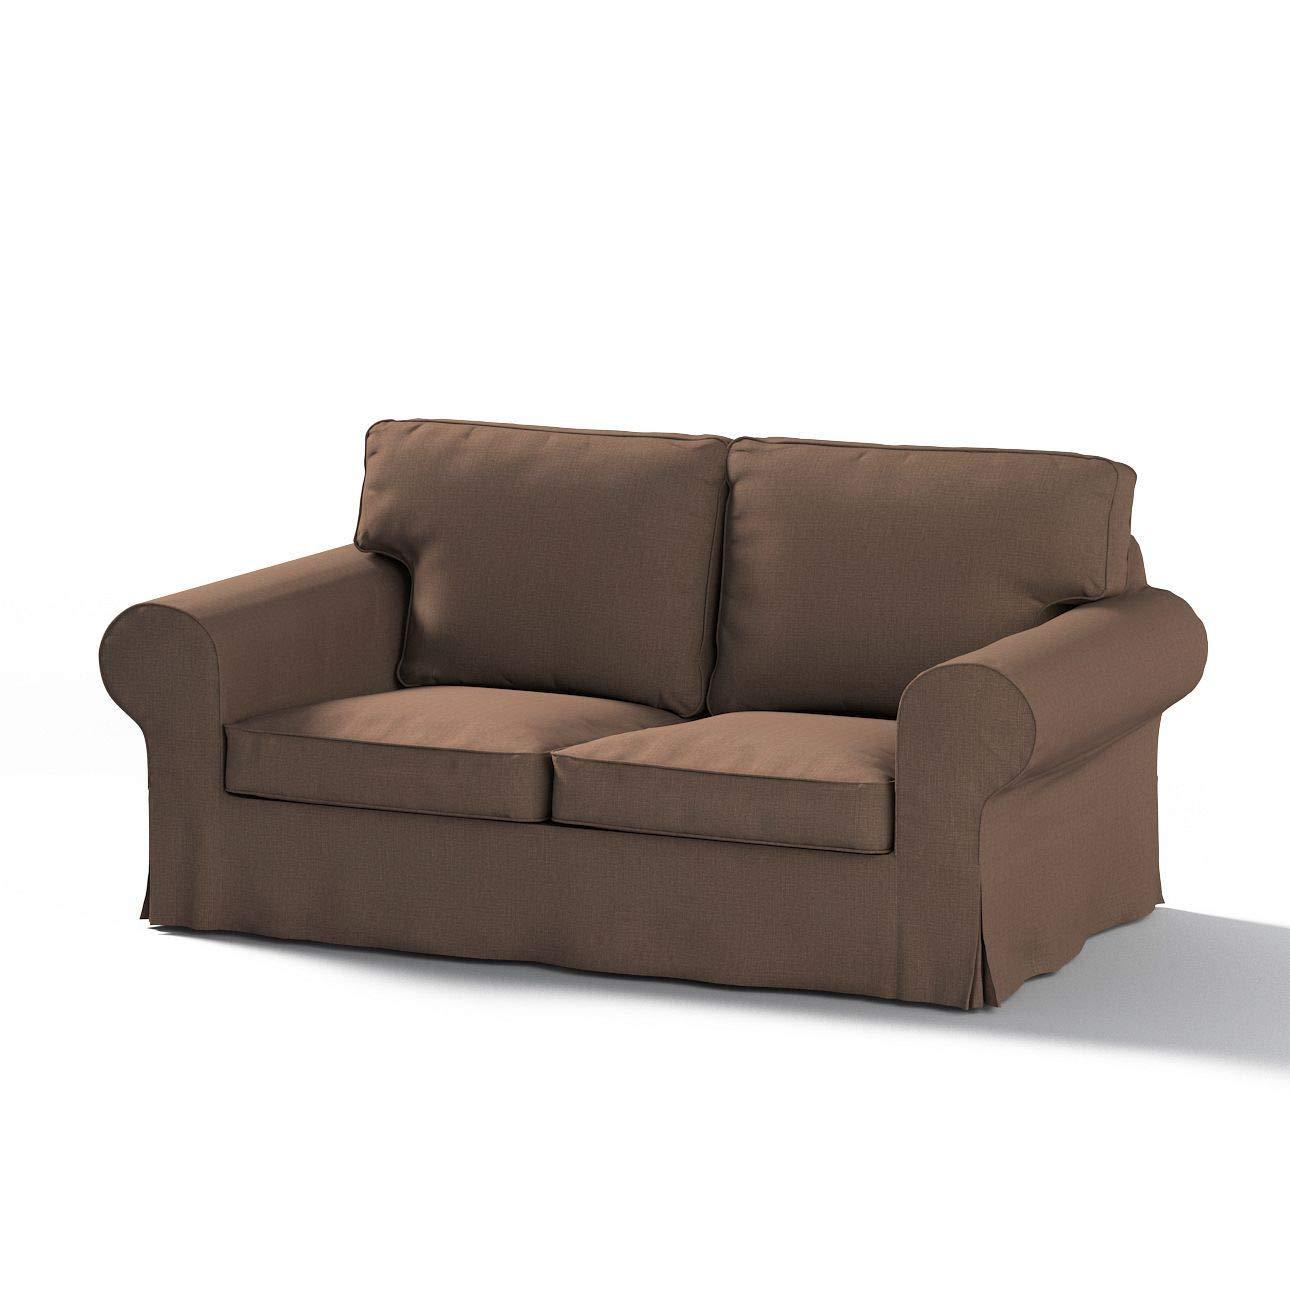 Dekoria Ektorp 2-Sitzer Schlafsofabezug ALTES Modell Sofahusse passend für IKEA Modell Ektorp braun